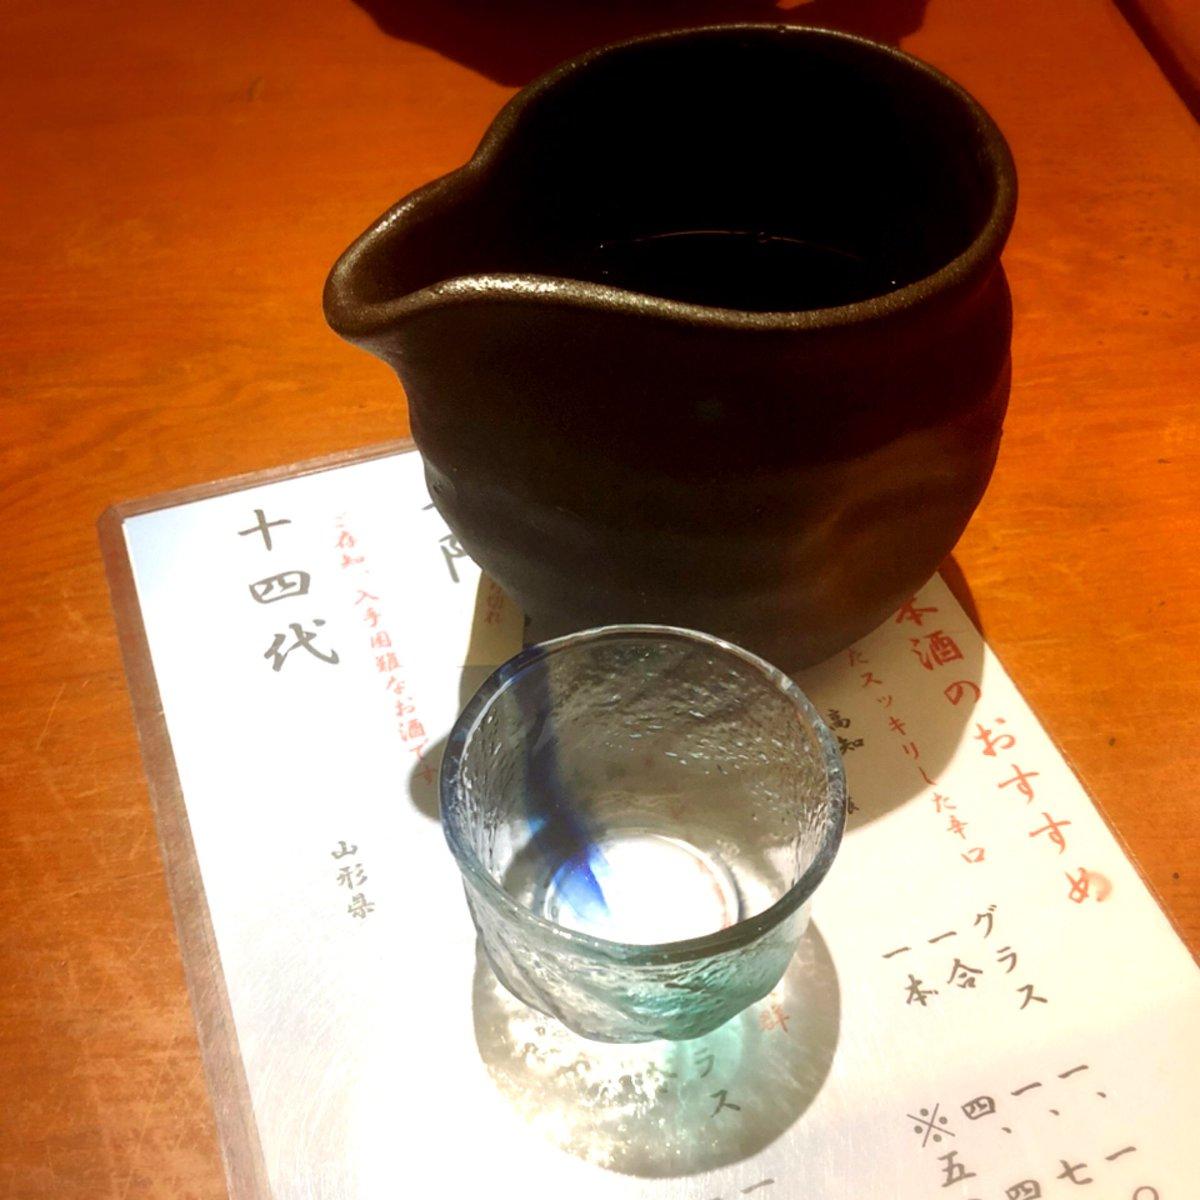 test ツイッターメディア - 昨日、十四代っていう日本酒🍶を飲んできたんだけど、めちゃくちゃ美味しかった! https://t.co/LmqgyWuASM